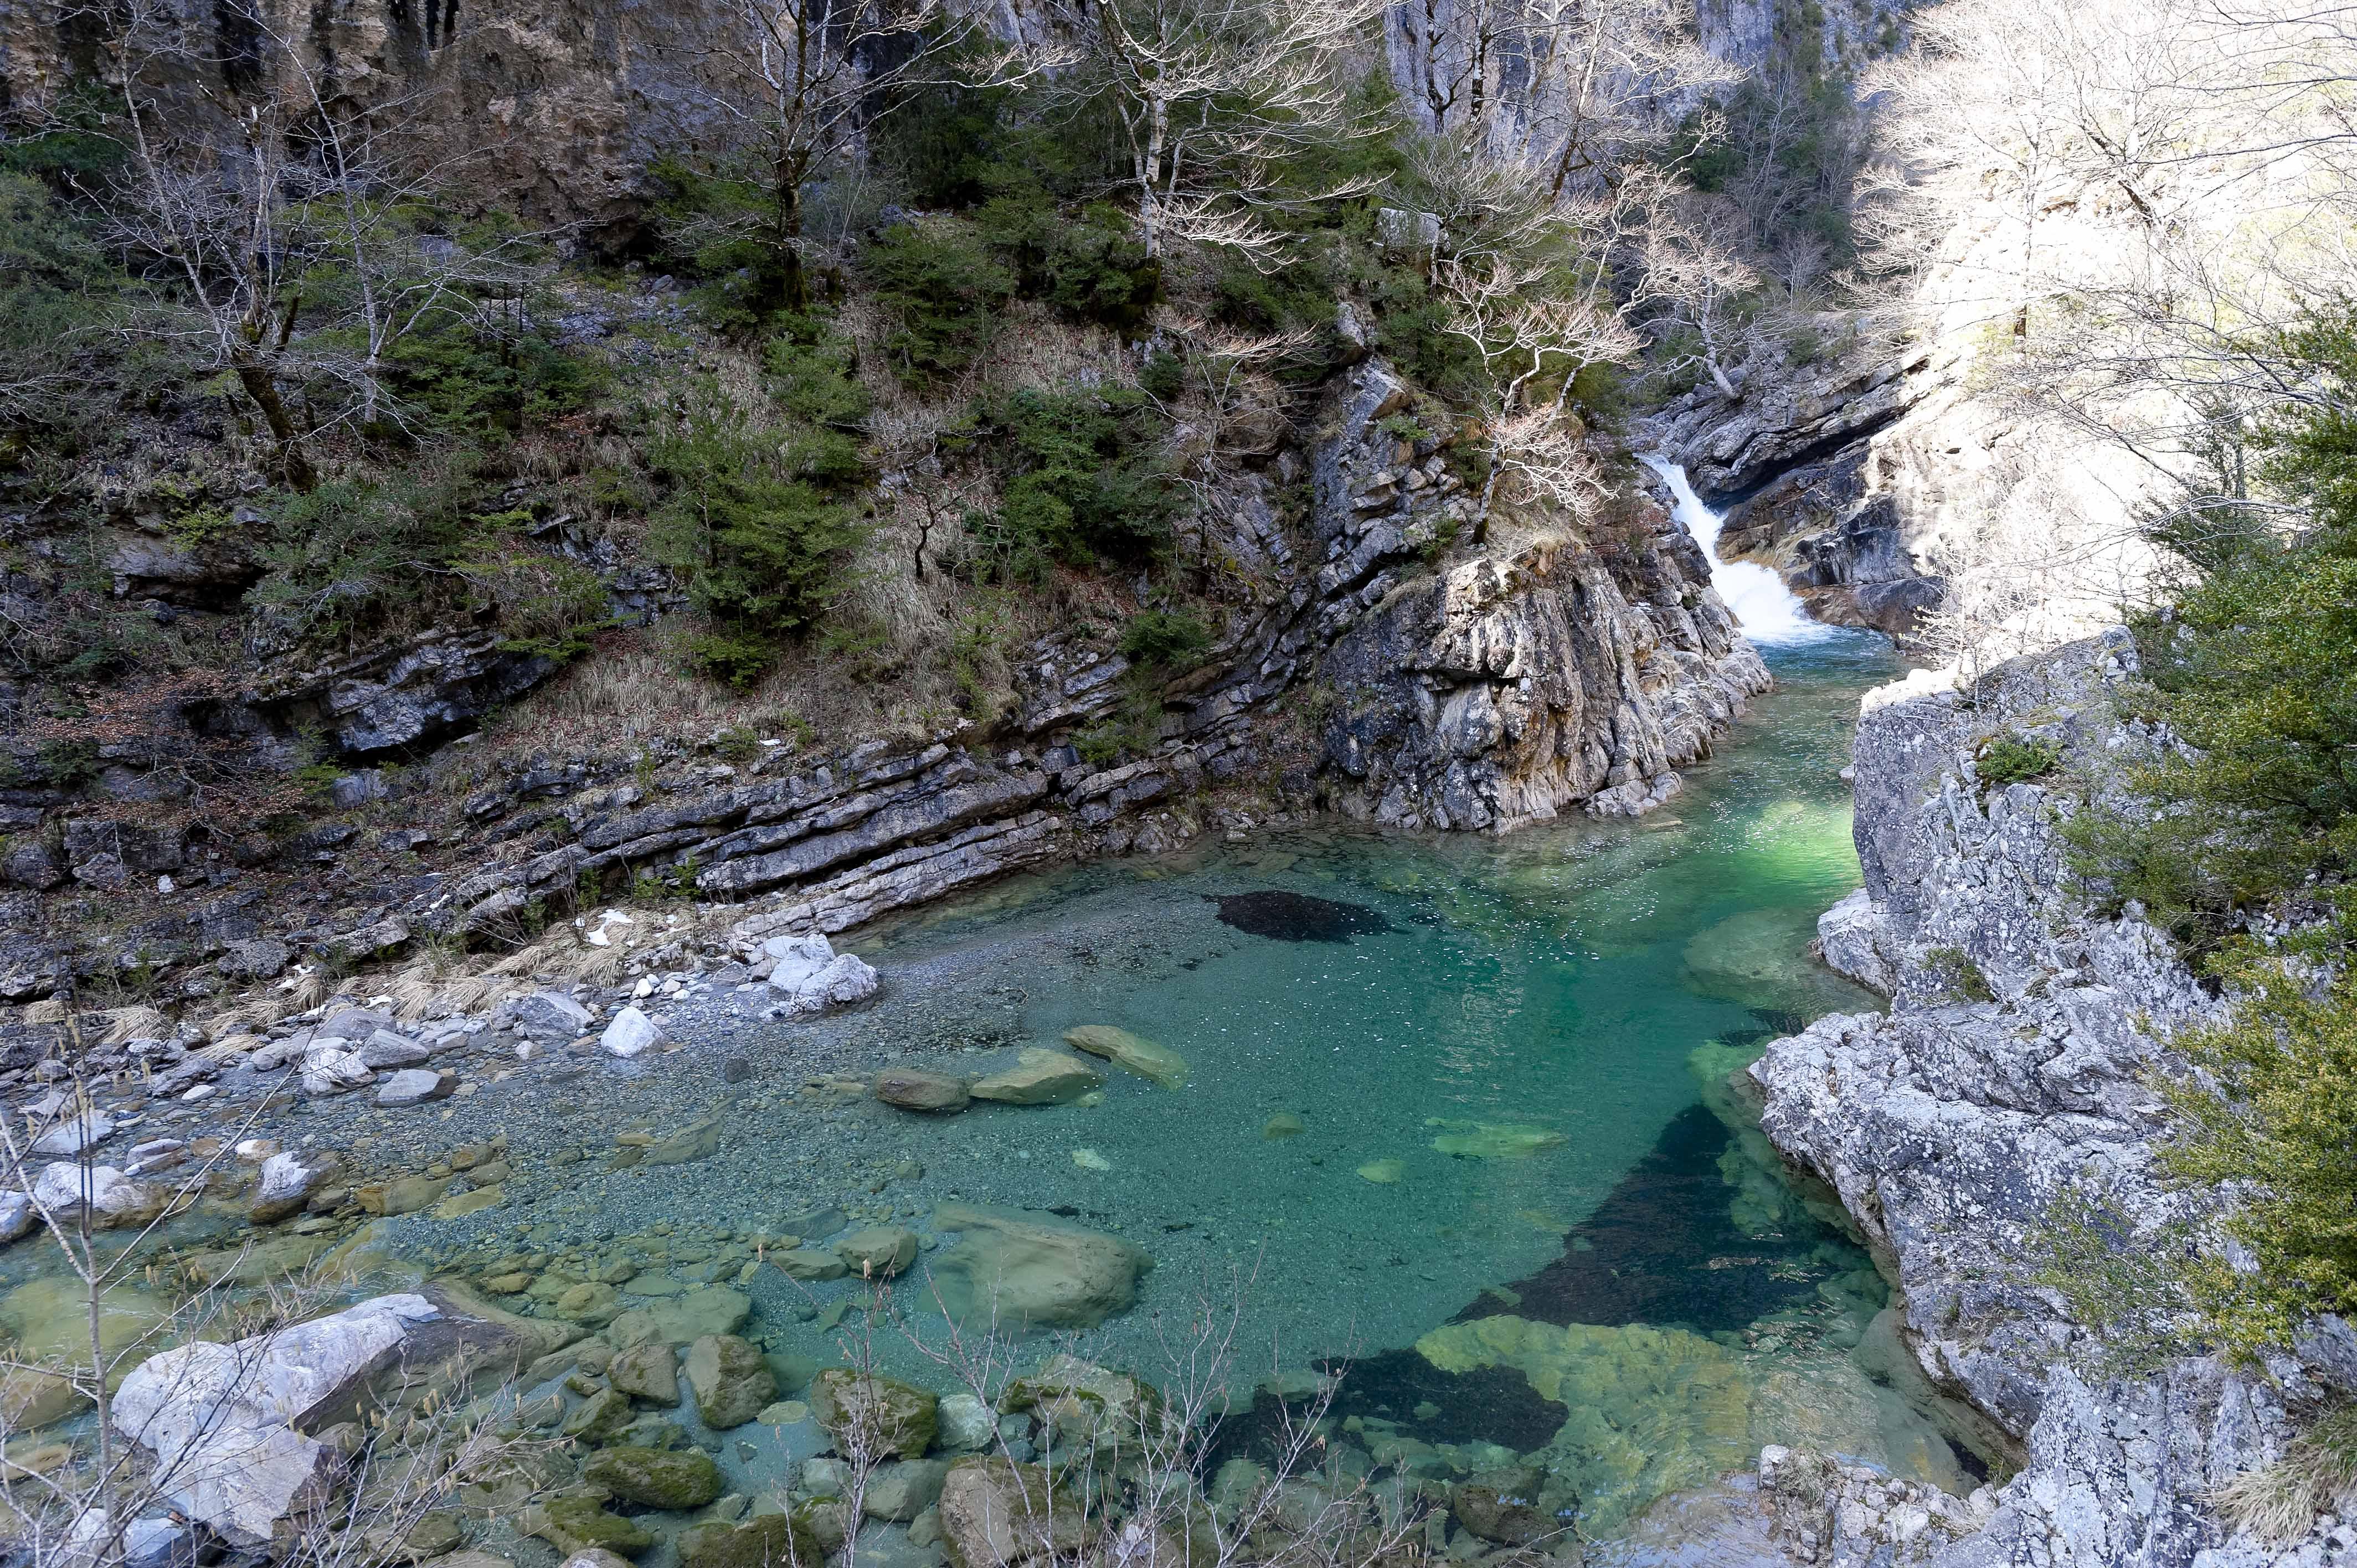 5294_Canyon de Anisclo (Sobrarbe Aragon)